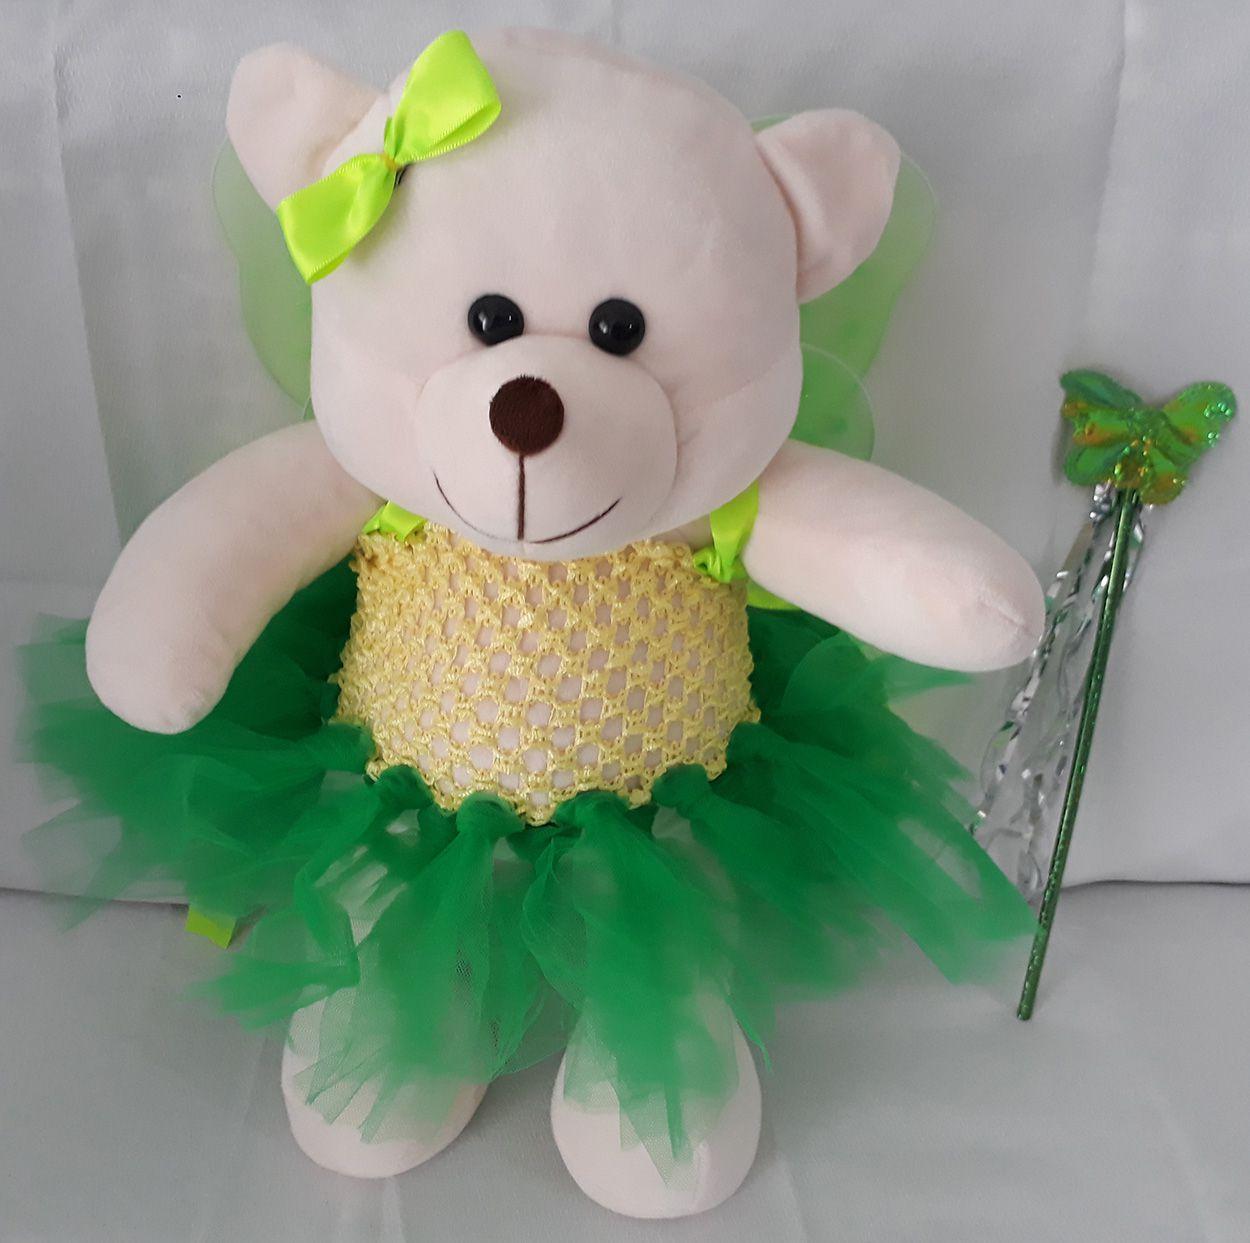 Amiga Ursa de Pelúcia Fadinha Verde Sininho 45cm Ursinho Ursinha Urso Meigo Inseparável Com Vestidinho de Fada, Lacinho e Varinha Mágica! Crie seu Amigo !